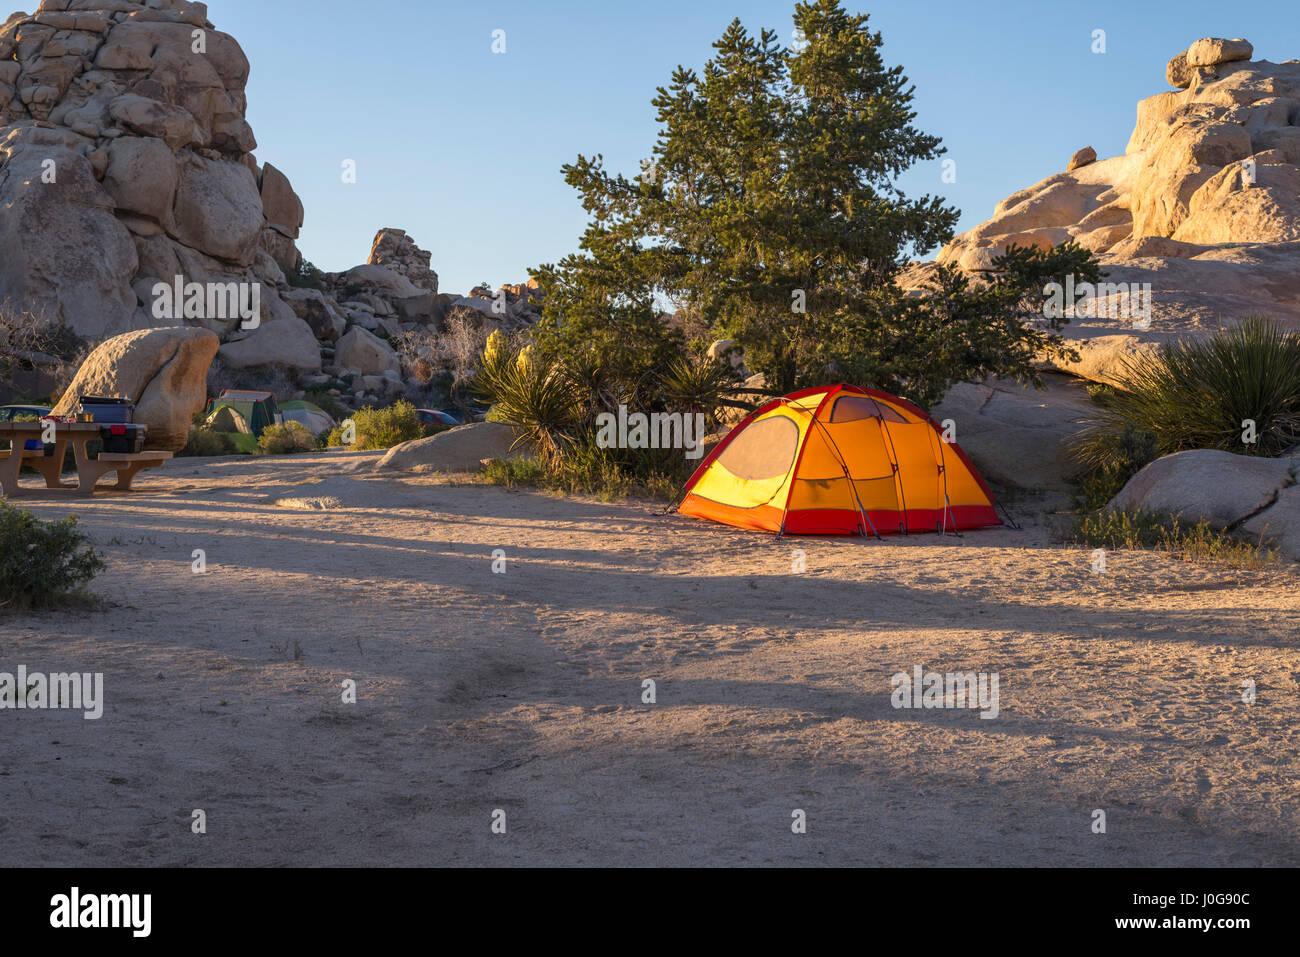 Tente de camping au camping. Joshua Tree National Park, Californie, USA. Photo Stock